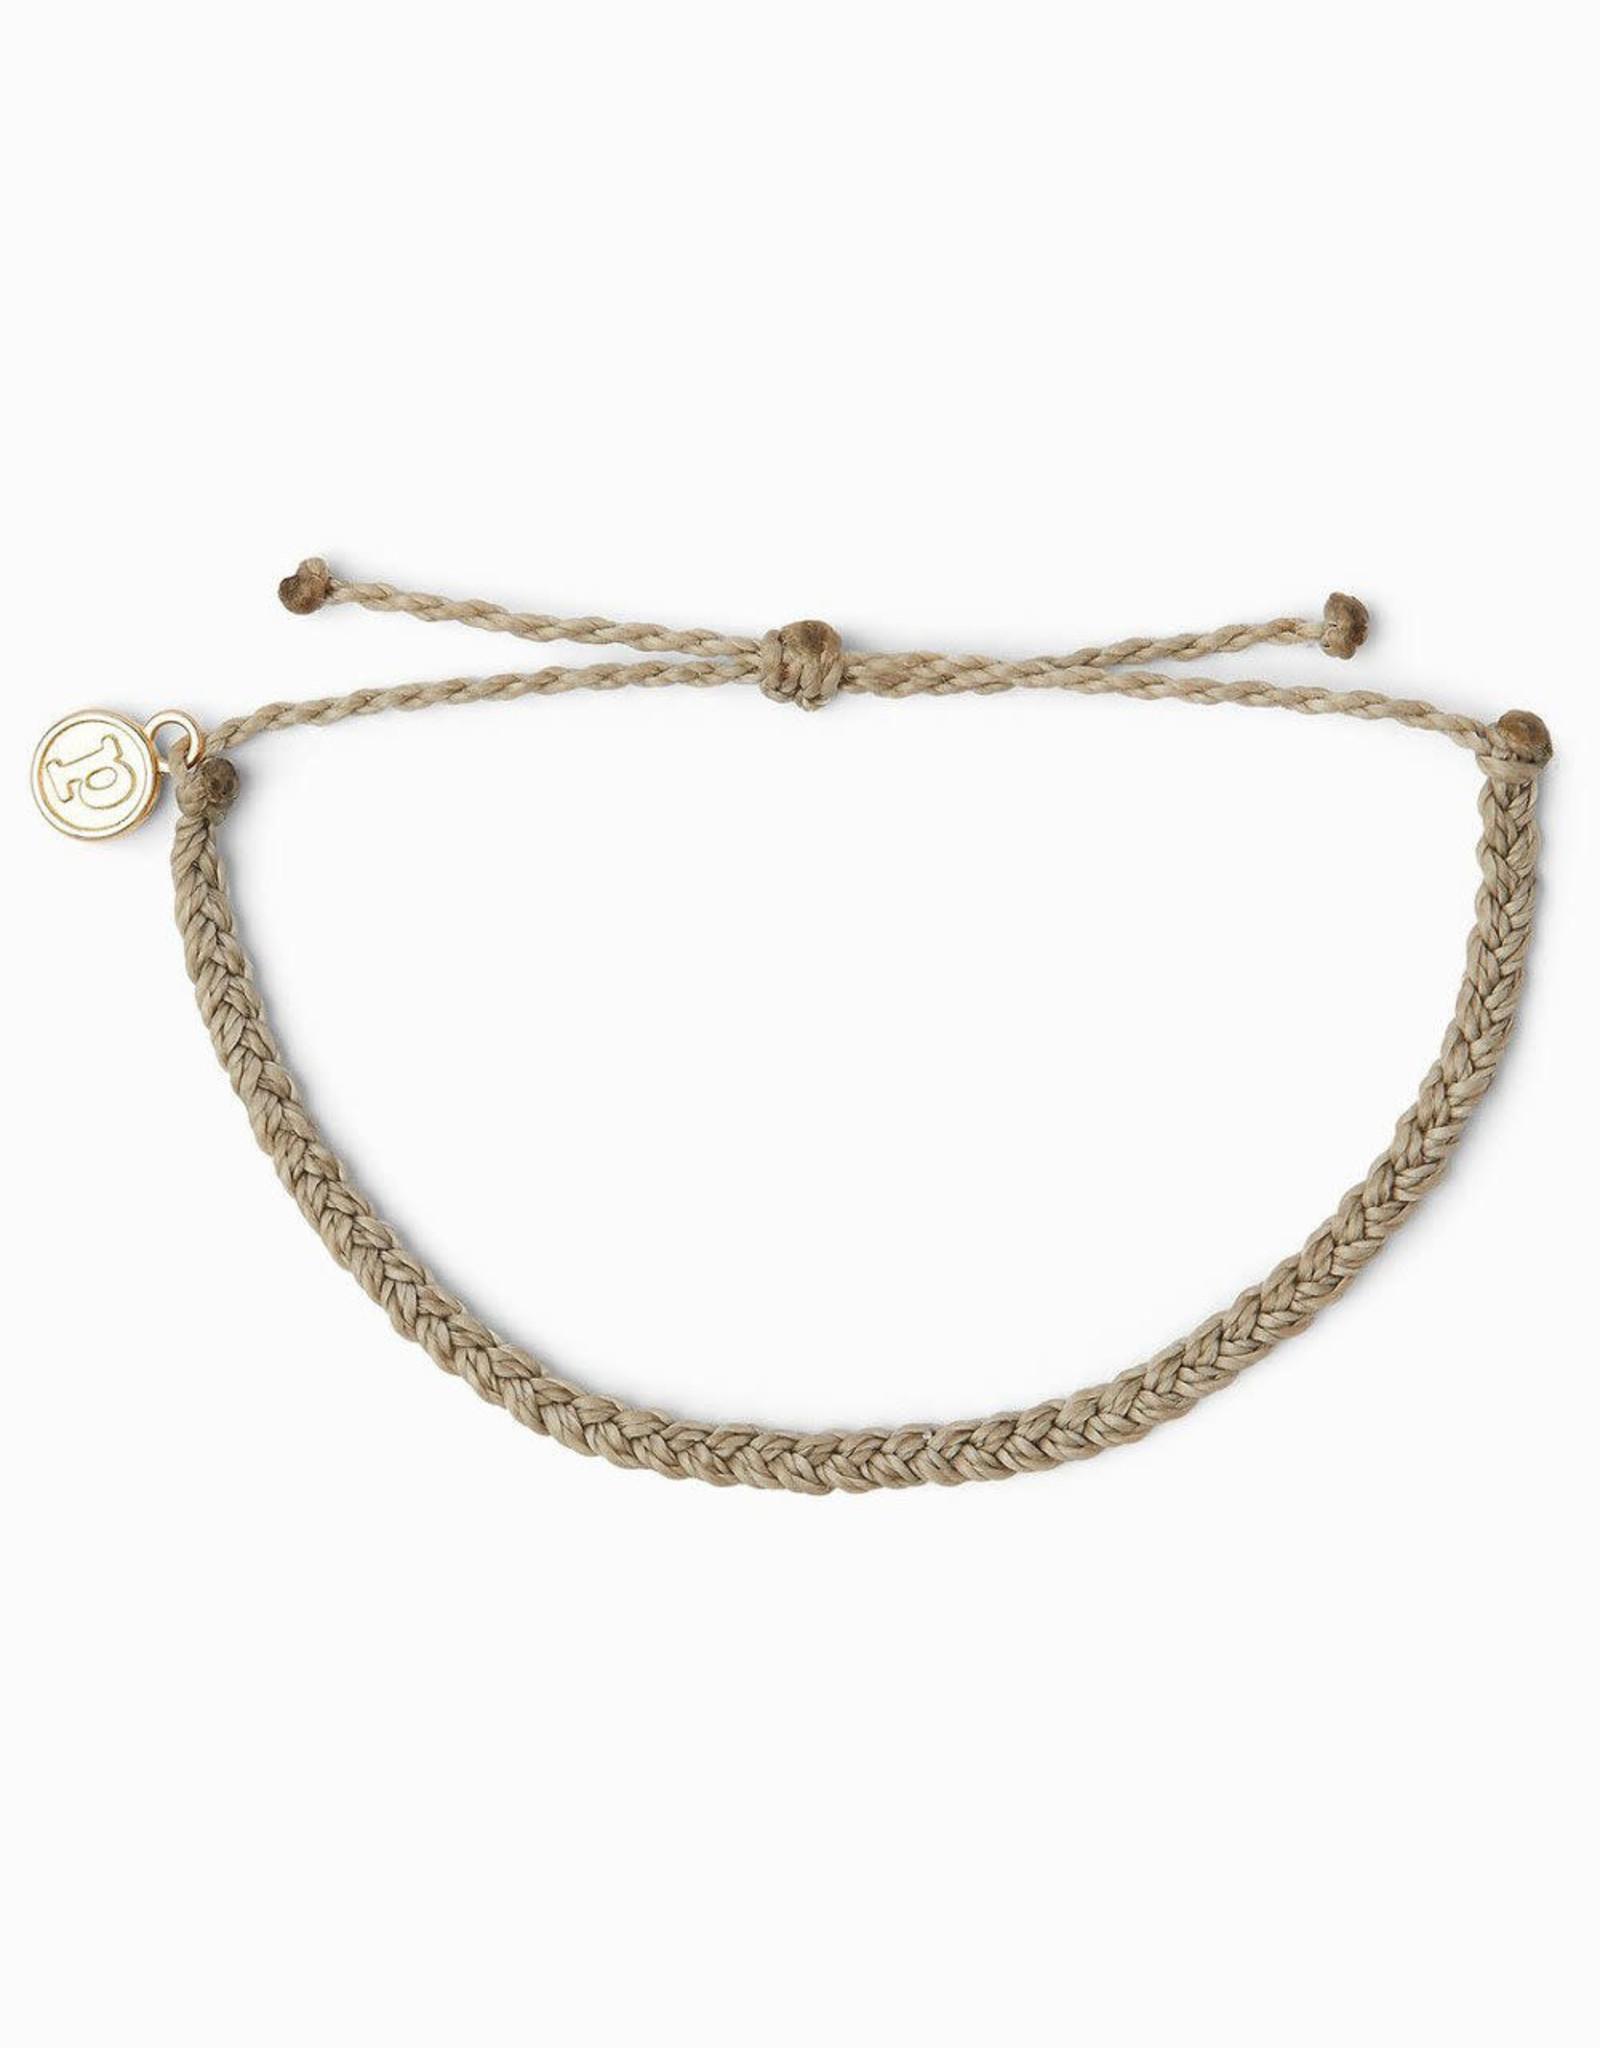 MINI BRAIDED SOLID Bracelet,  LIGHT GRAY